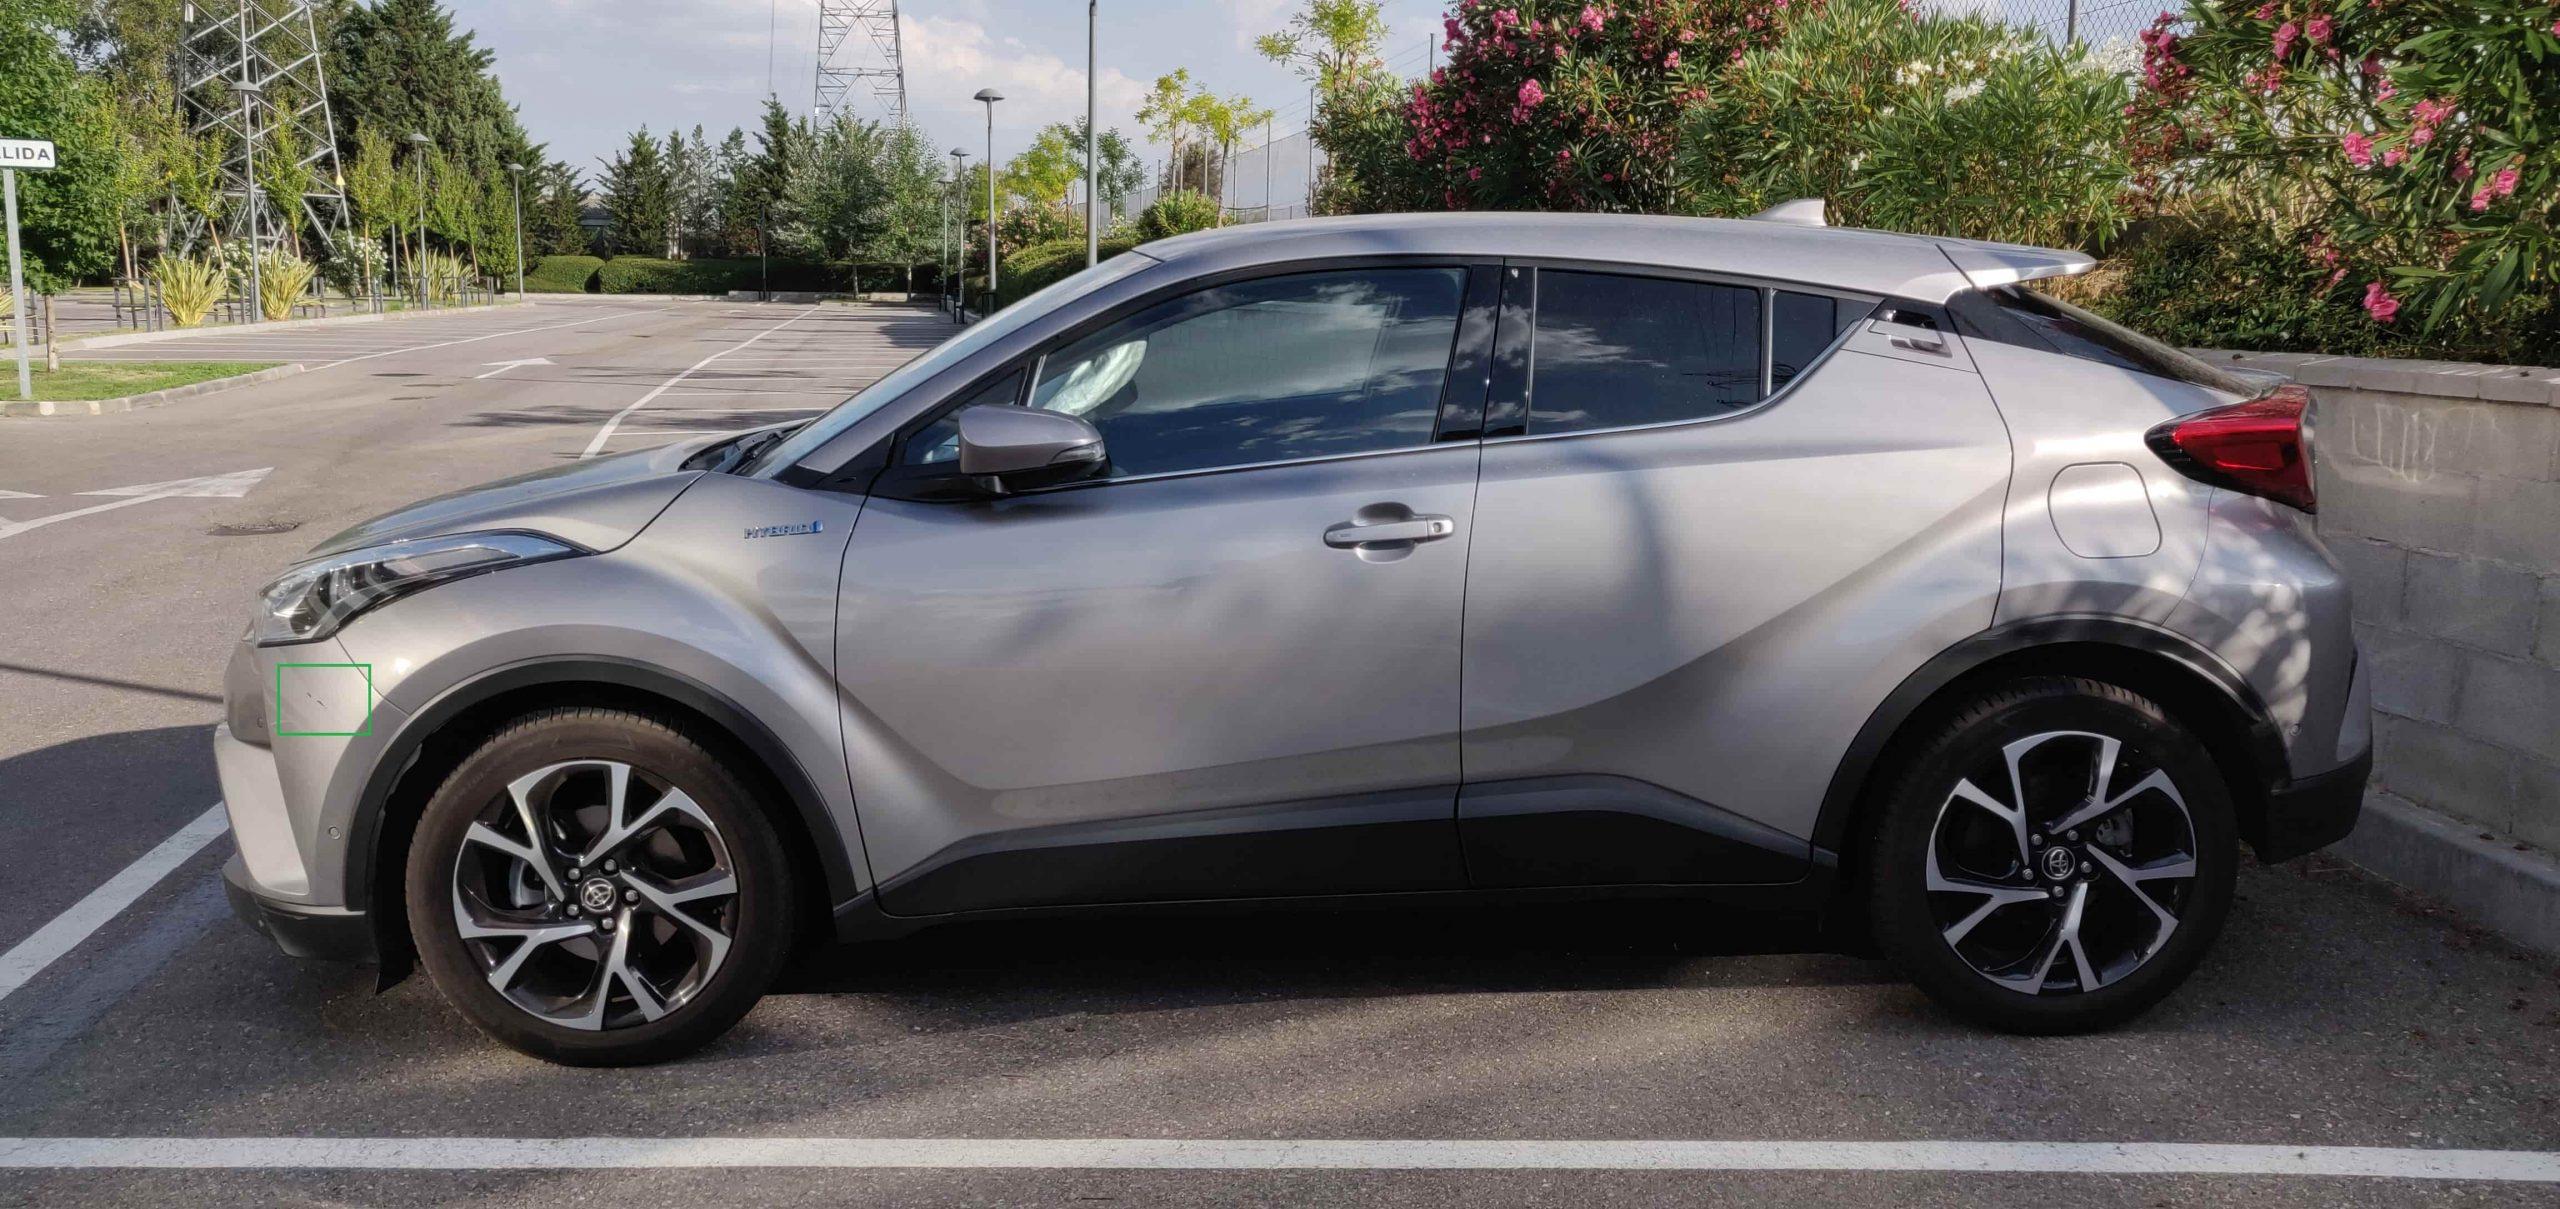 El poder de la IA en la valoración de daños de vehículos: un detector en tiempo real de arañazos y golpes